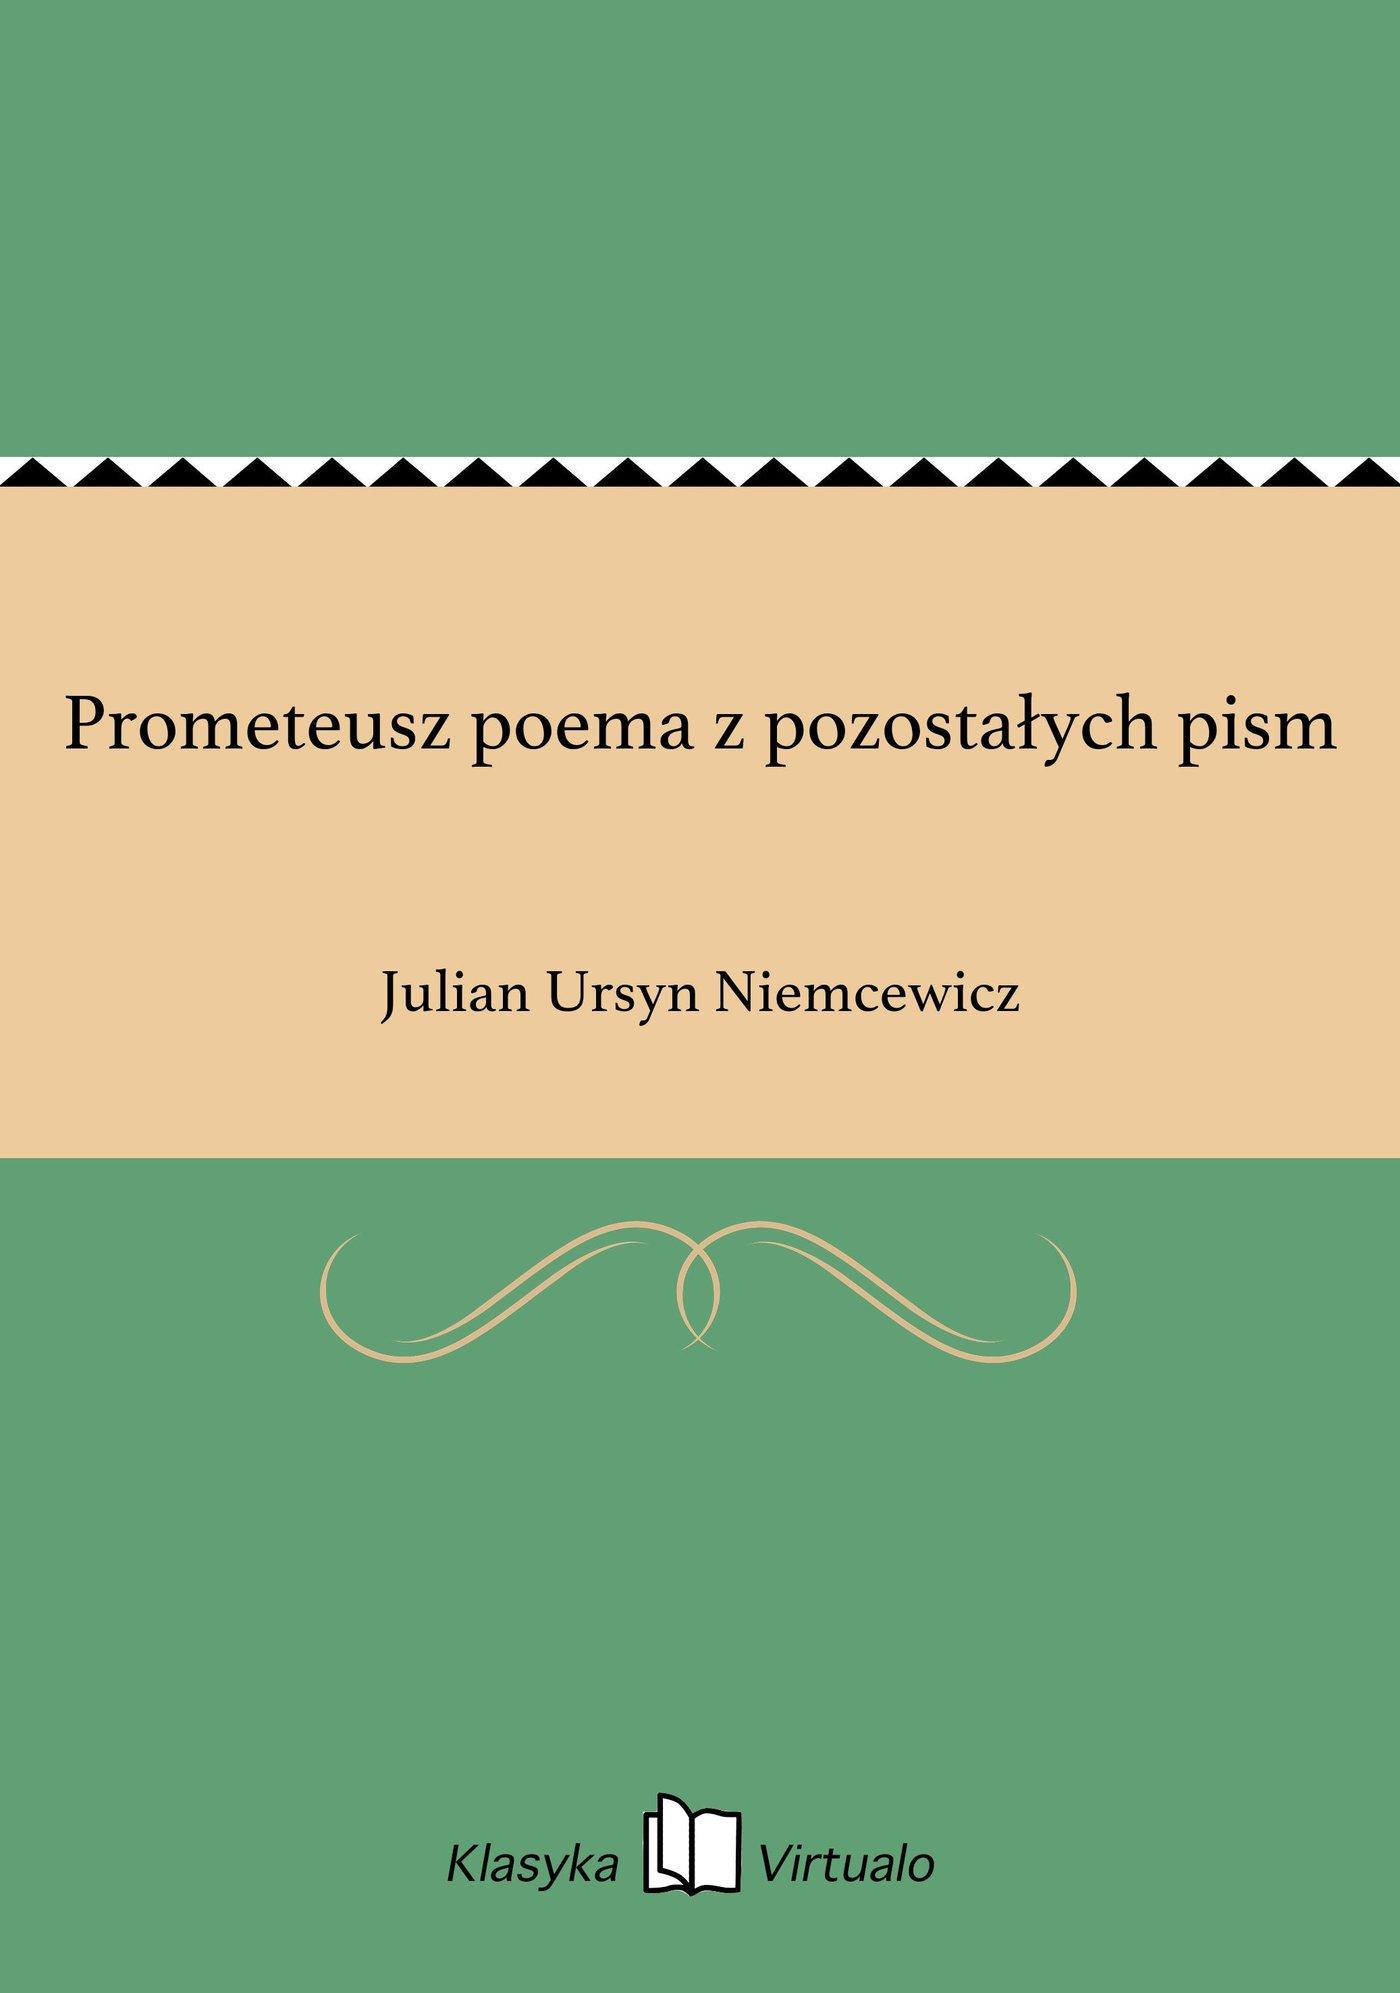 Prometeusz poema z pozostałych pism - Ebook (Książka EPUB) do pobrania w formacie EPUB